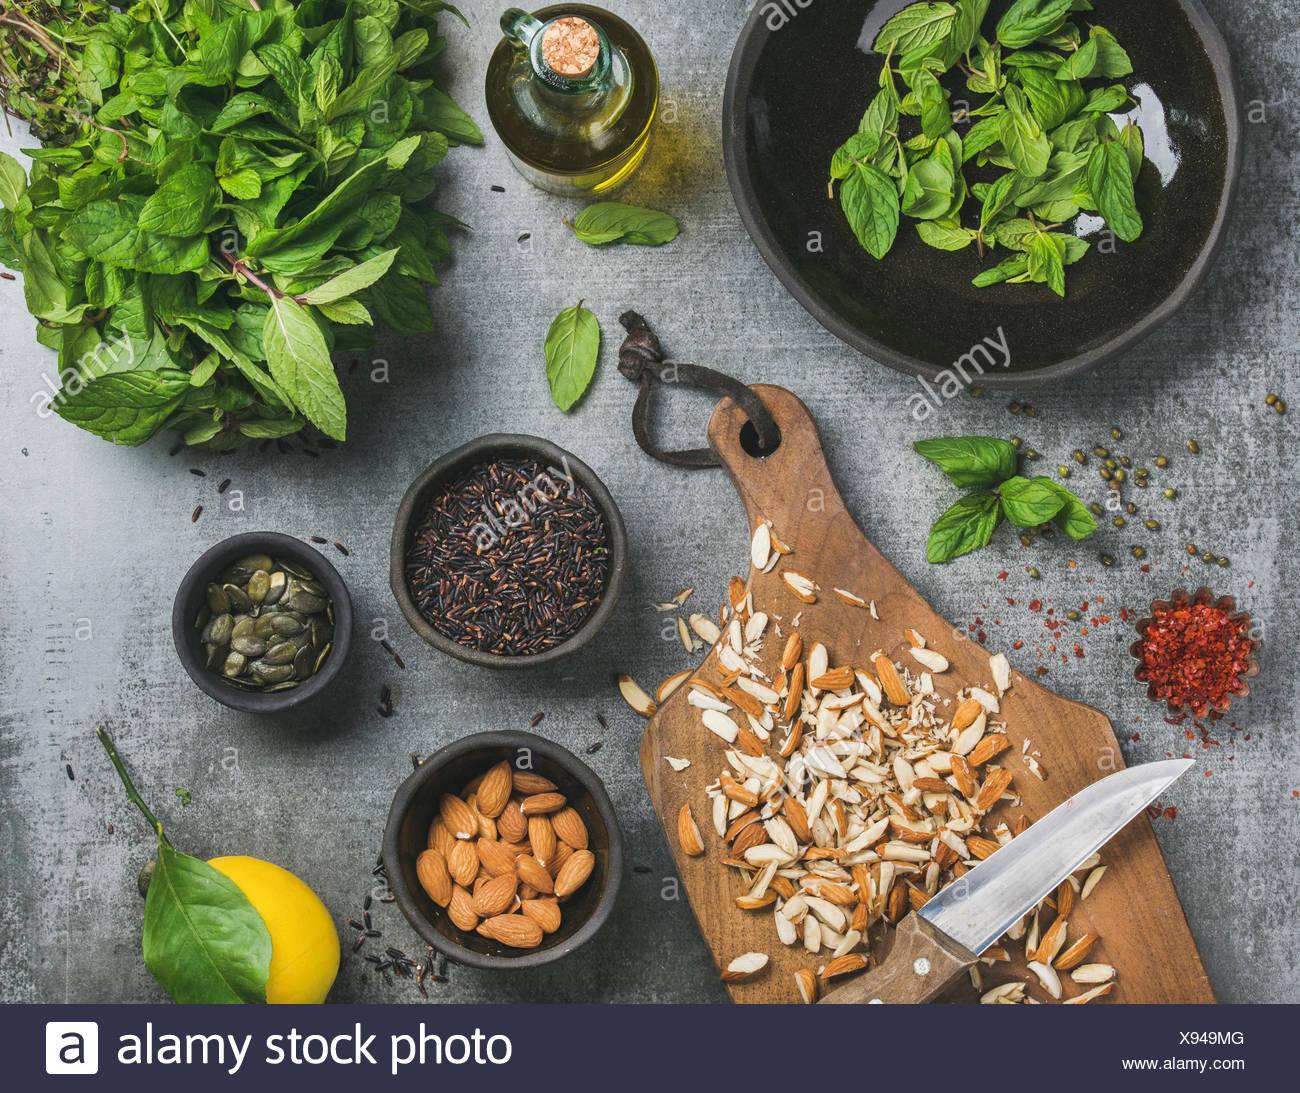 Un sano, vegetariane e vegane o pulire mangiare cottura Ingredienti. Mandorle tritate, menta fresca, olio, riso nero, i semi di zucca spezie, limone su grigio co Immagini Stock